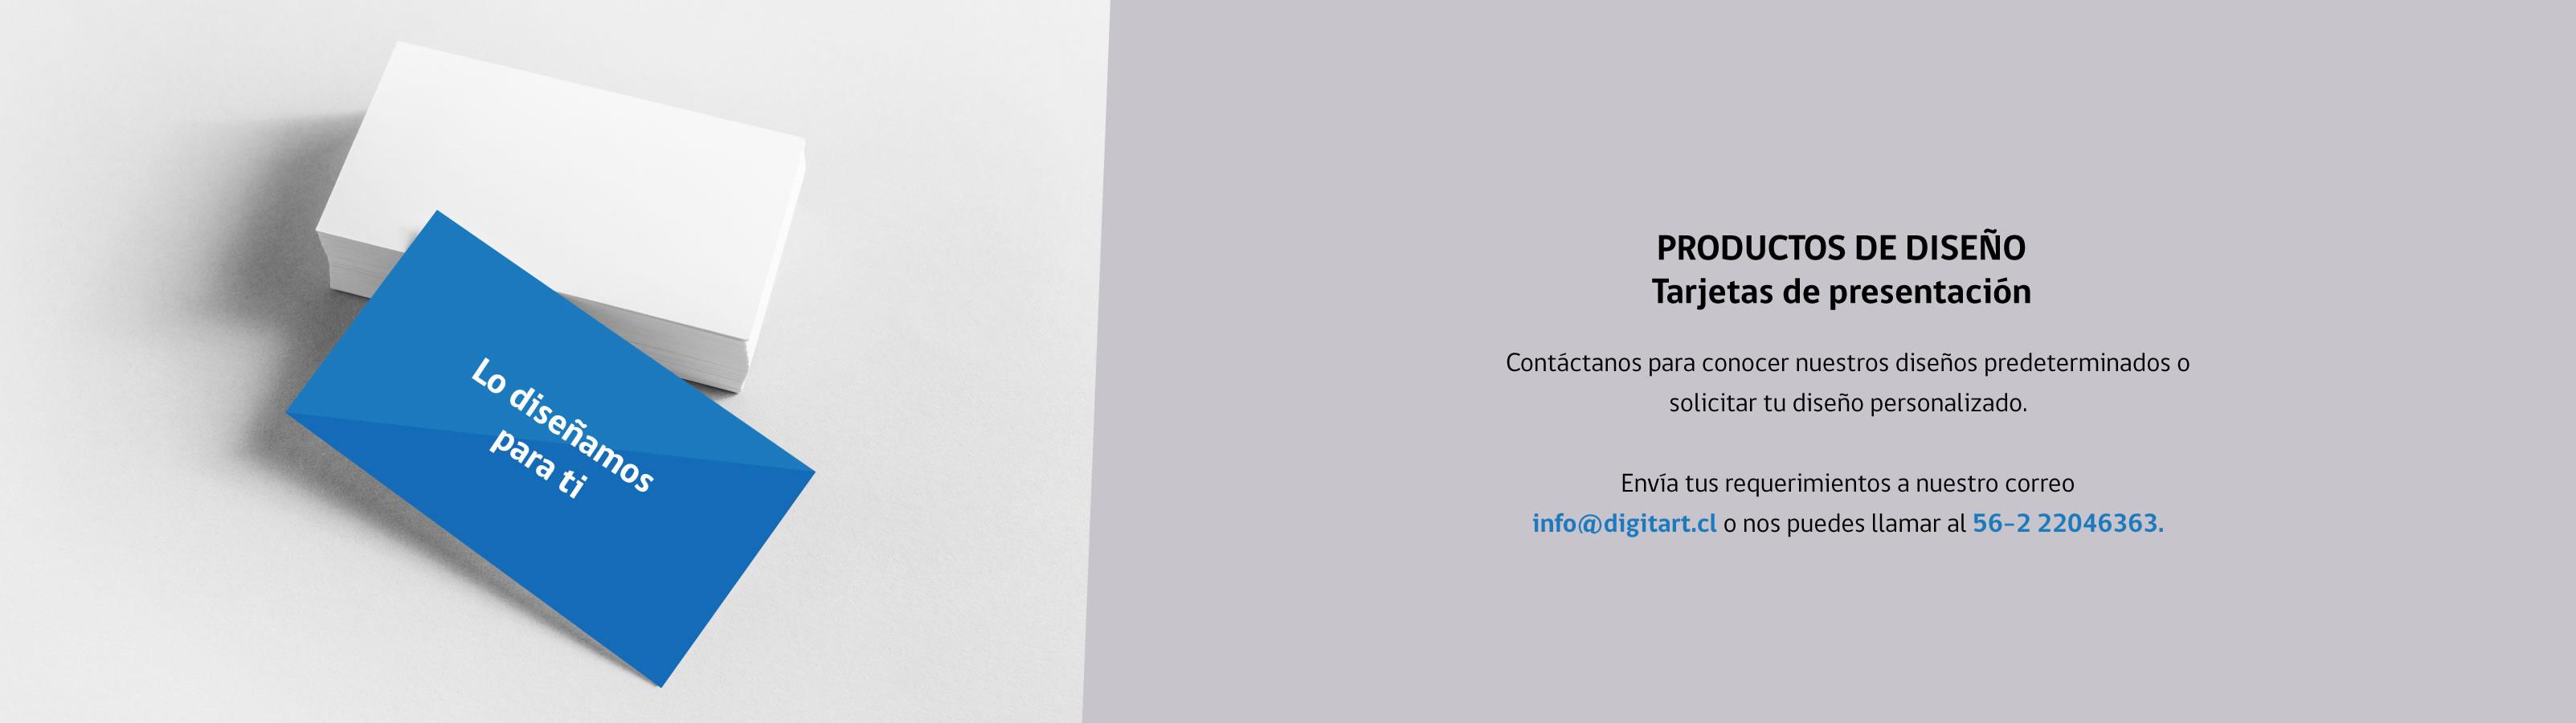 Diseño_tarjetas_presentación